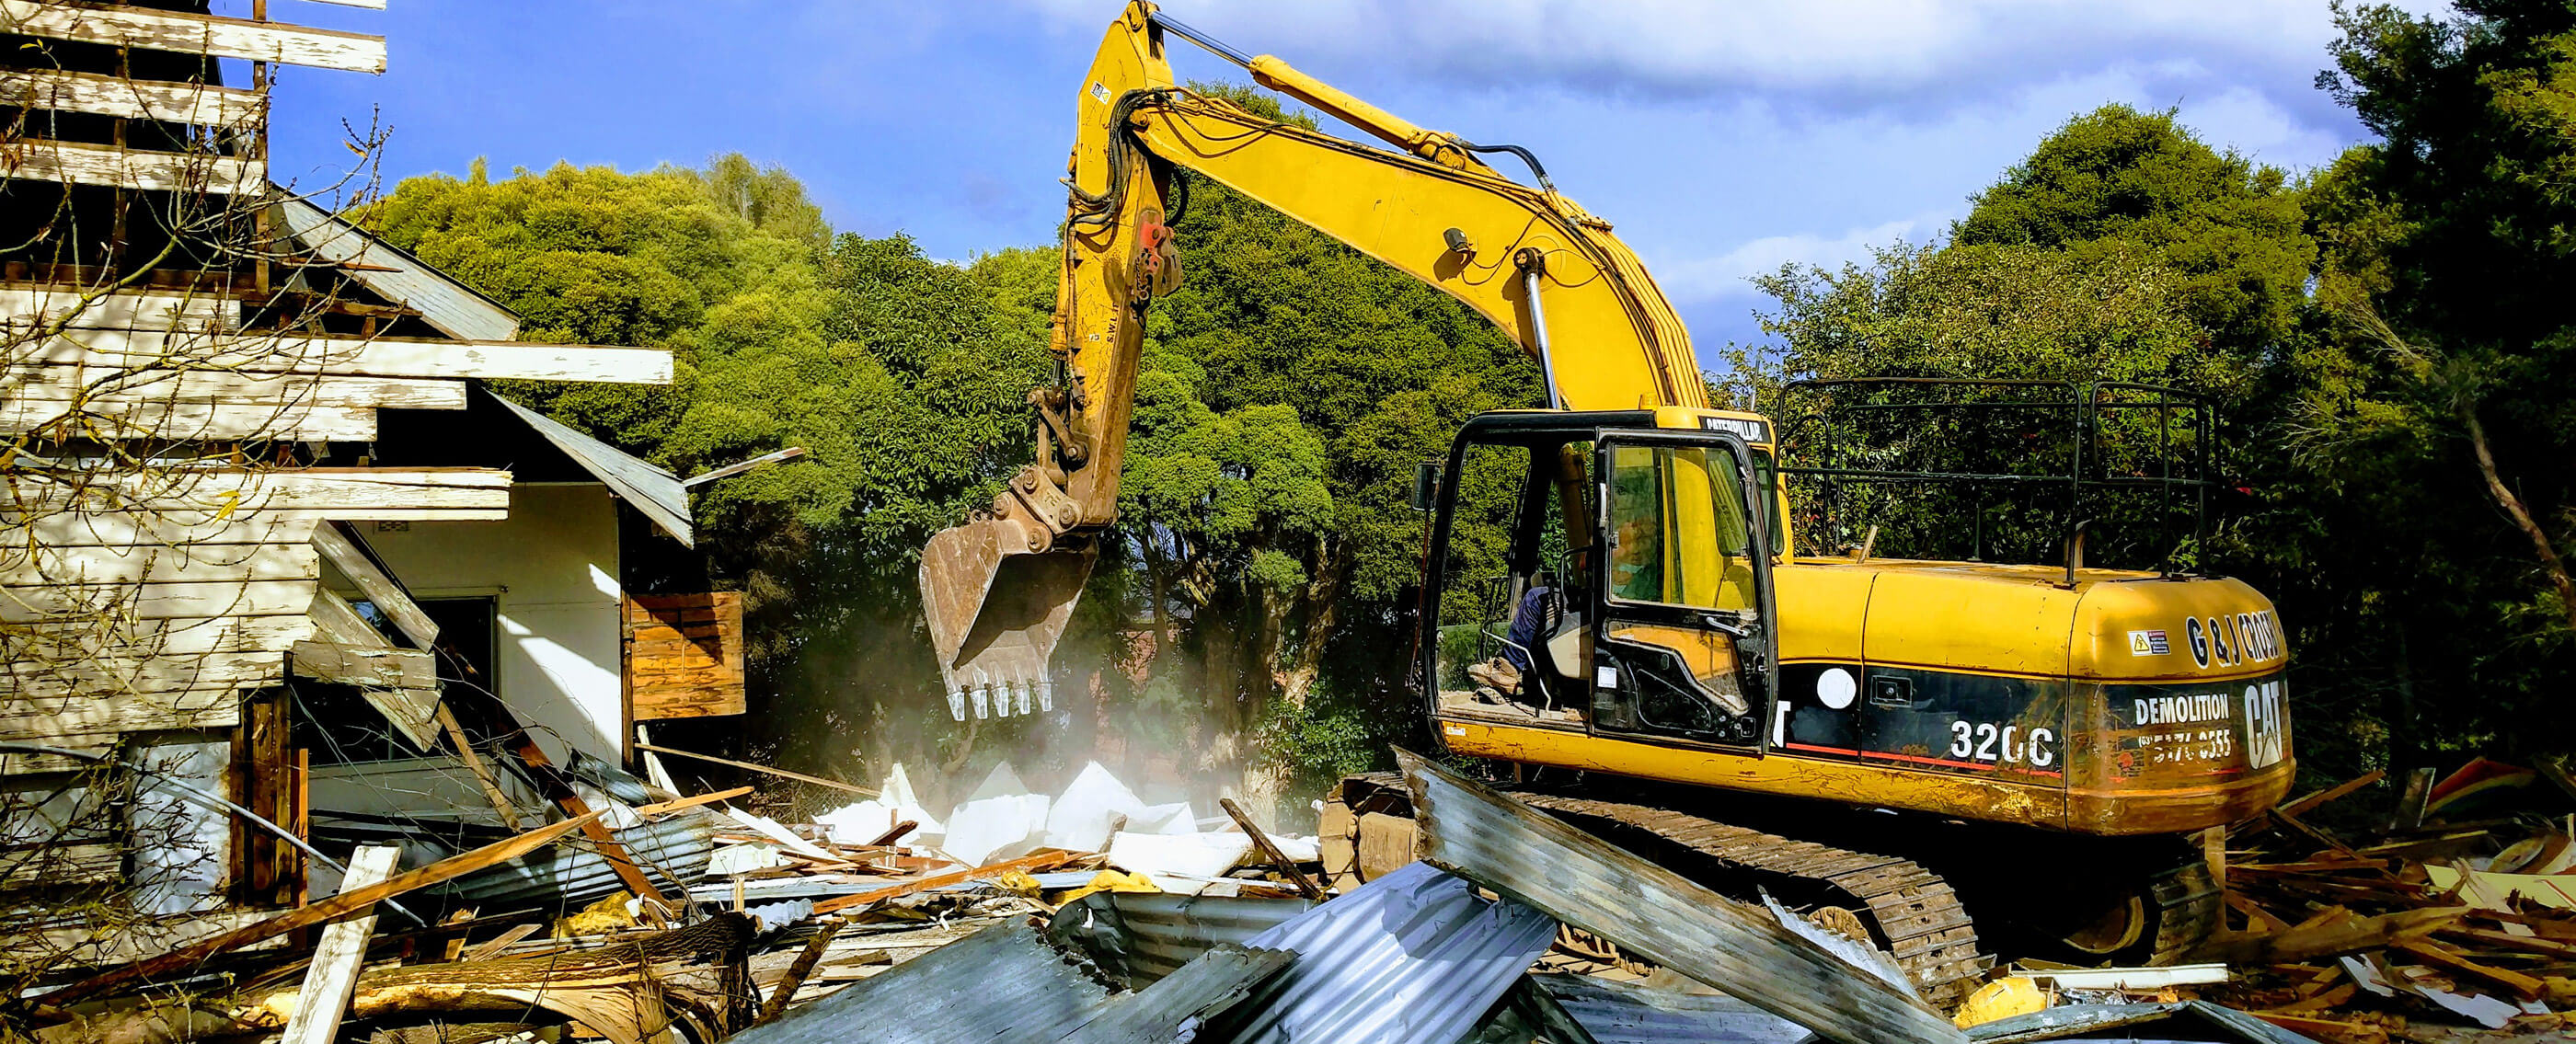 Industrial Demolition by Crosby Contractors